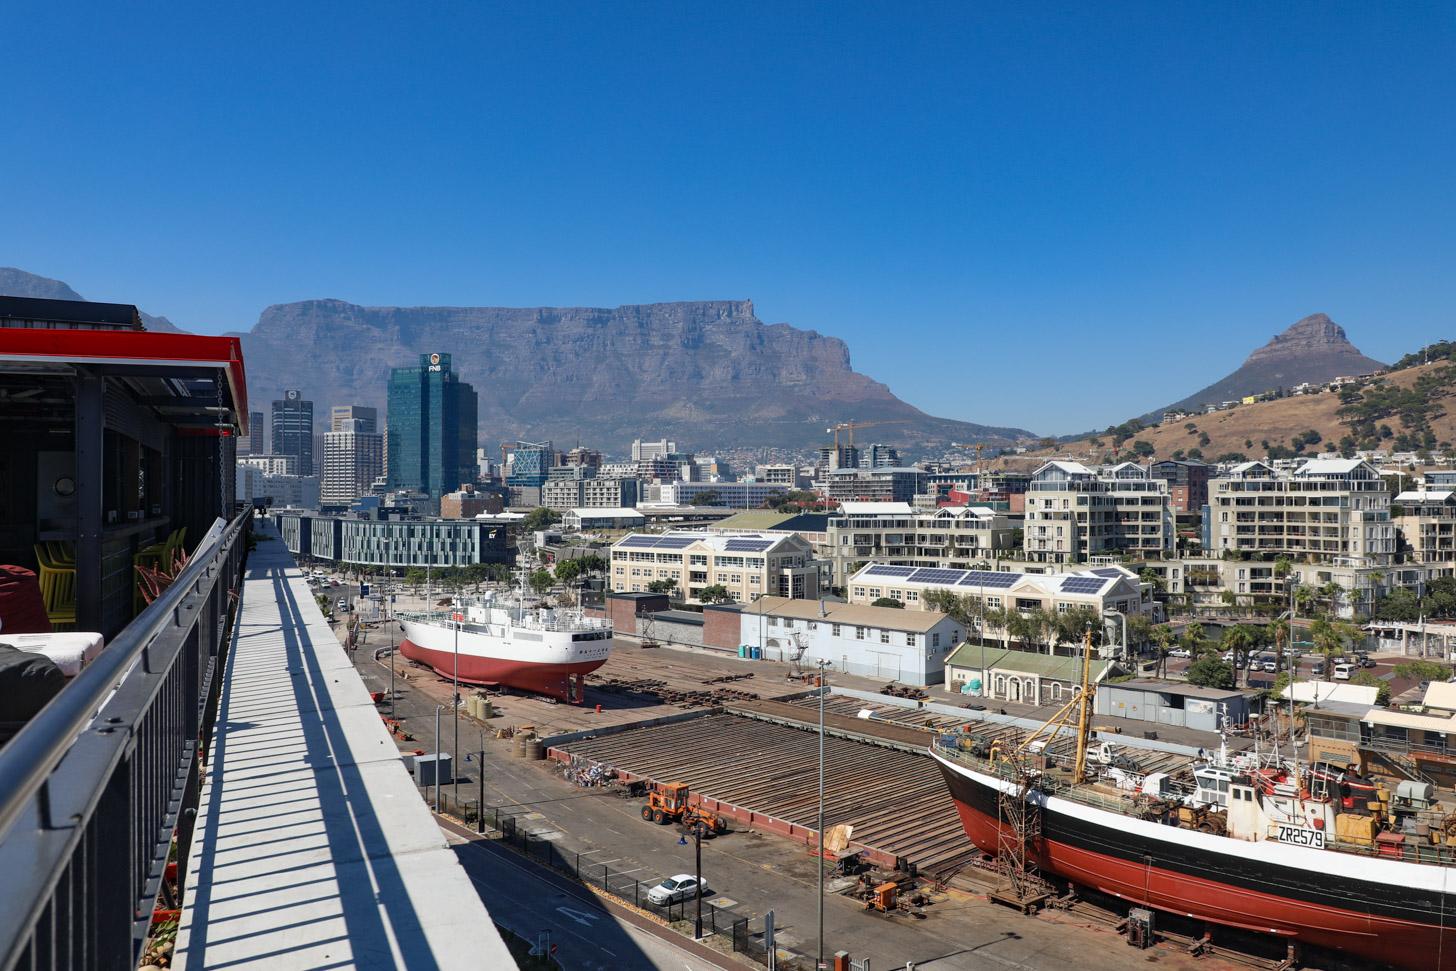 Strakblauwe lucht boven Kaapstad bij een temperatuur van 28 graden Celsius